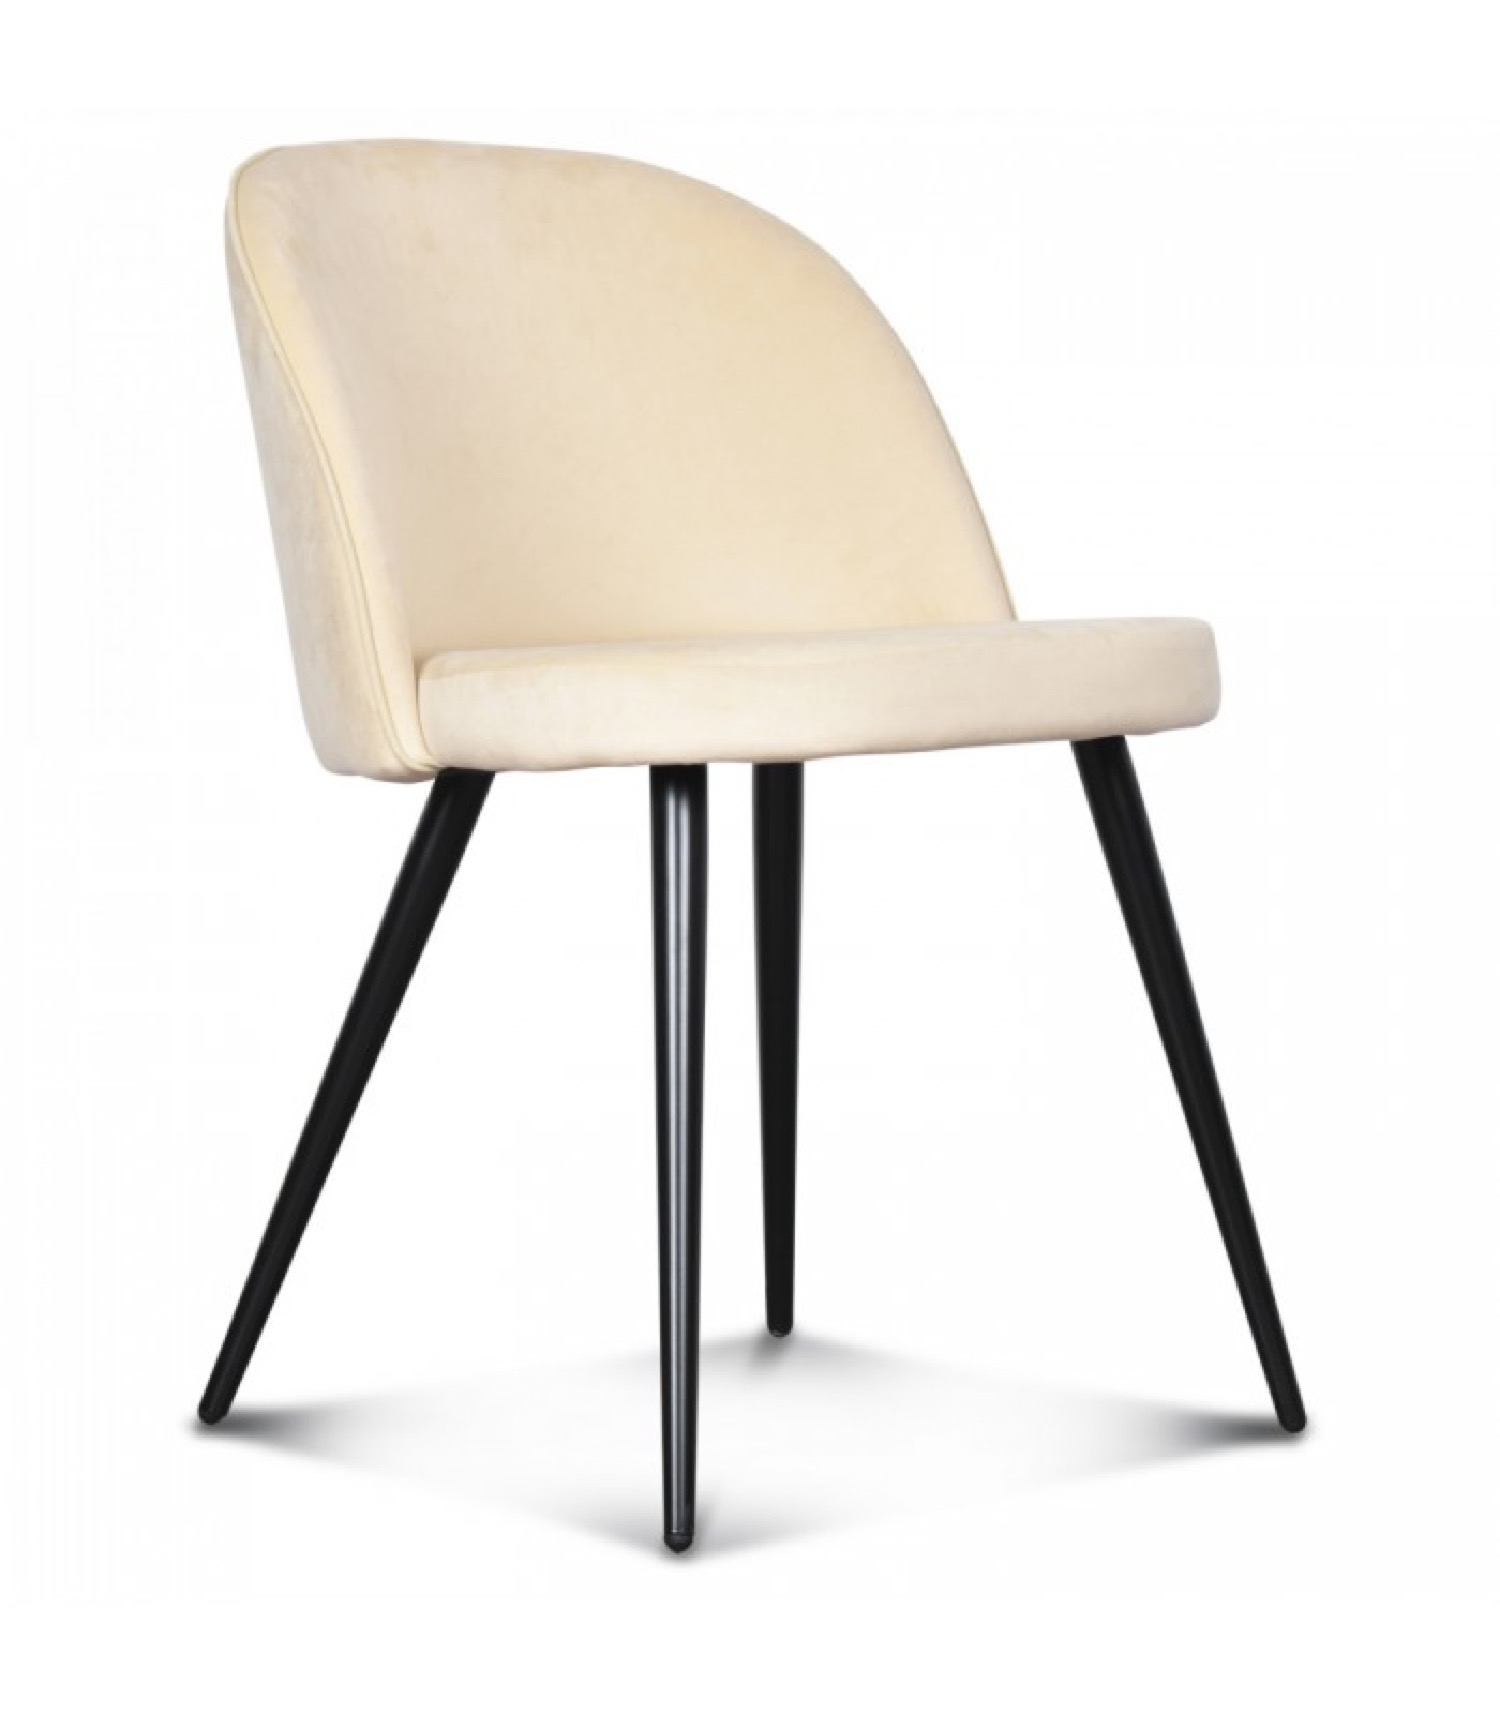 Chaise velours beige et pieds métal noir